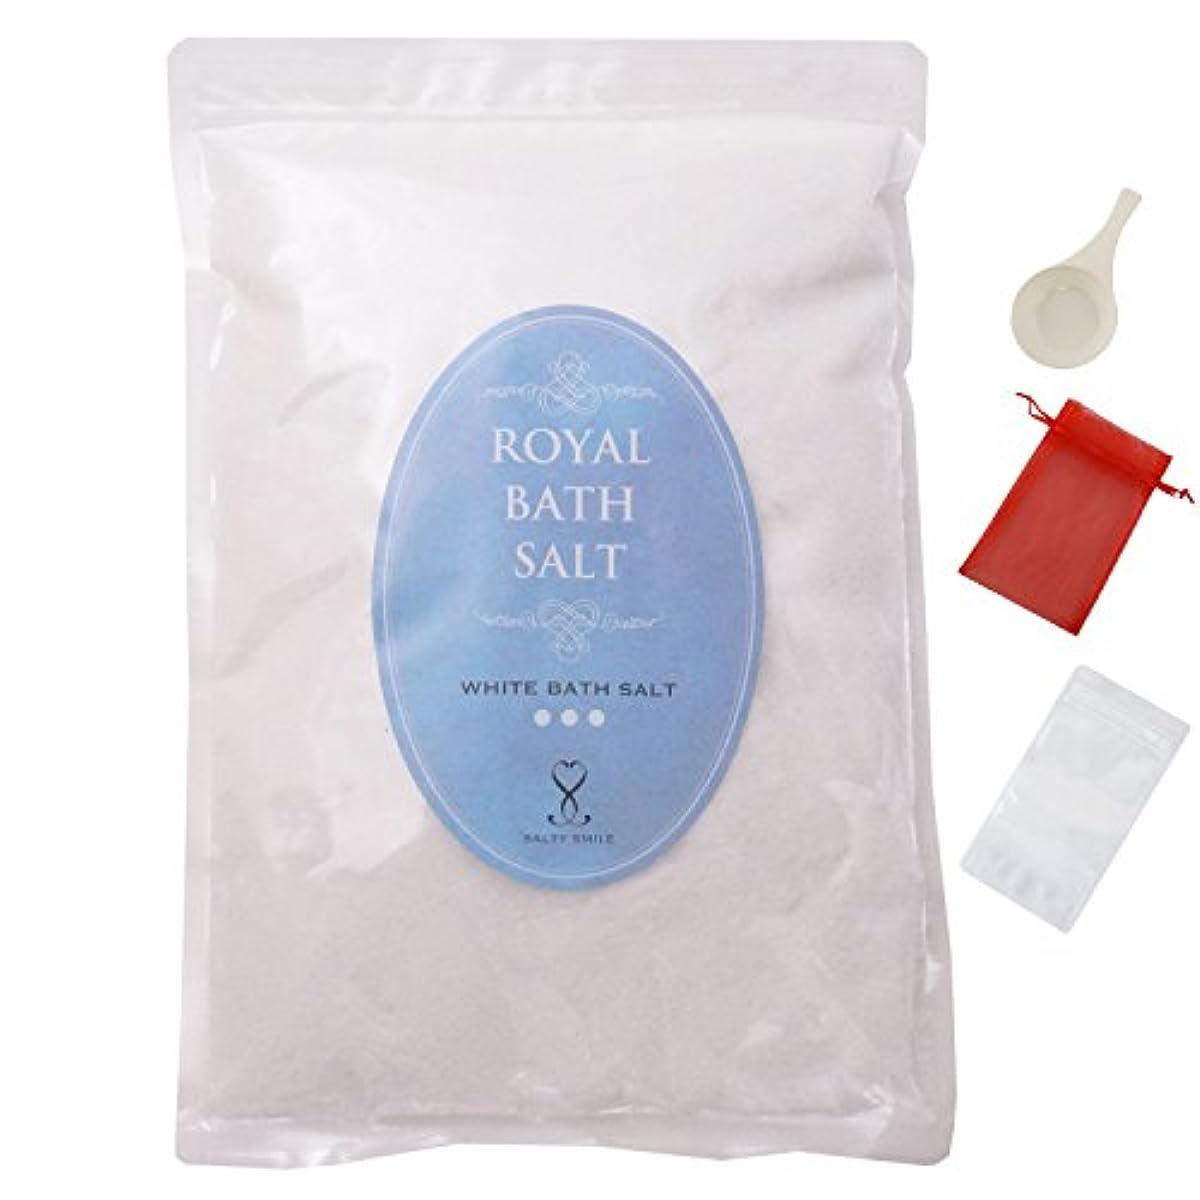 平野変更可能有害ロイヤル バスソルト ヒマラヤ岩塩 クリスタル ホワイト パウダー 細粒 ROYAL BATH SALT (1,000g【1㎏】)